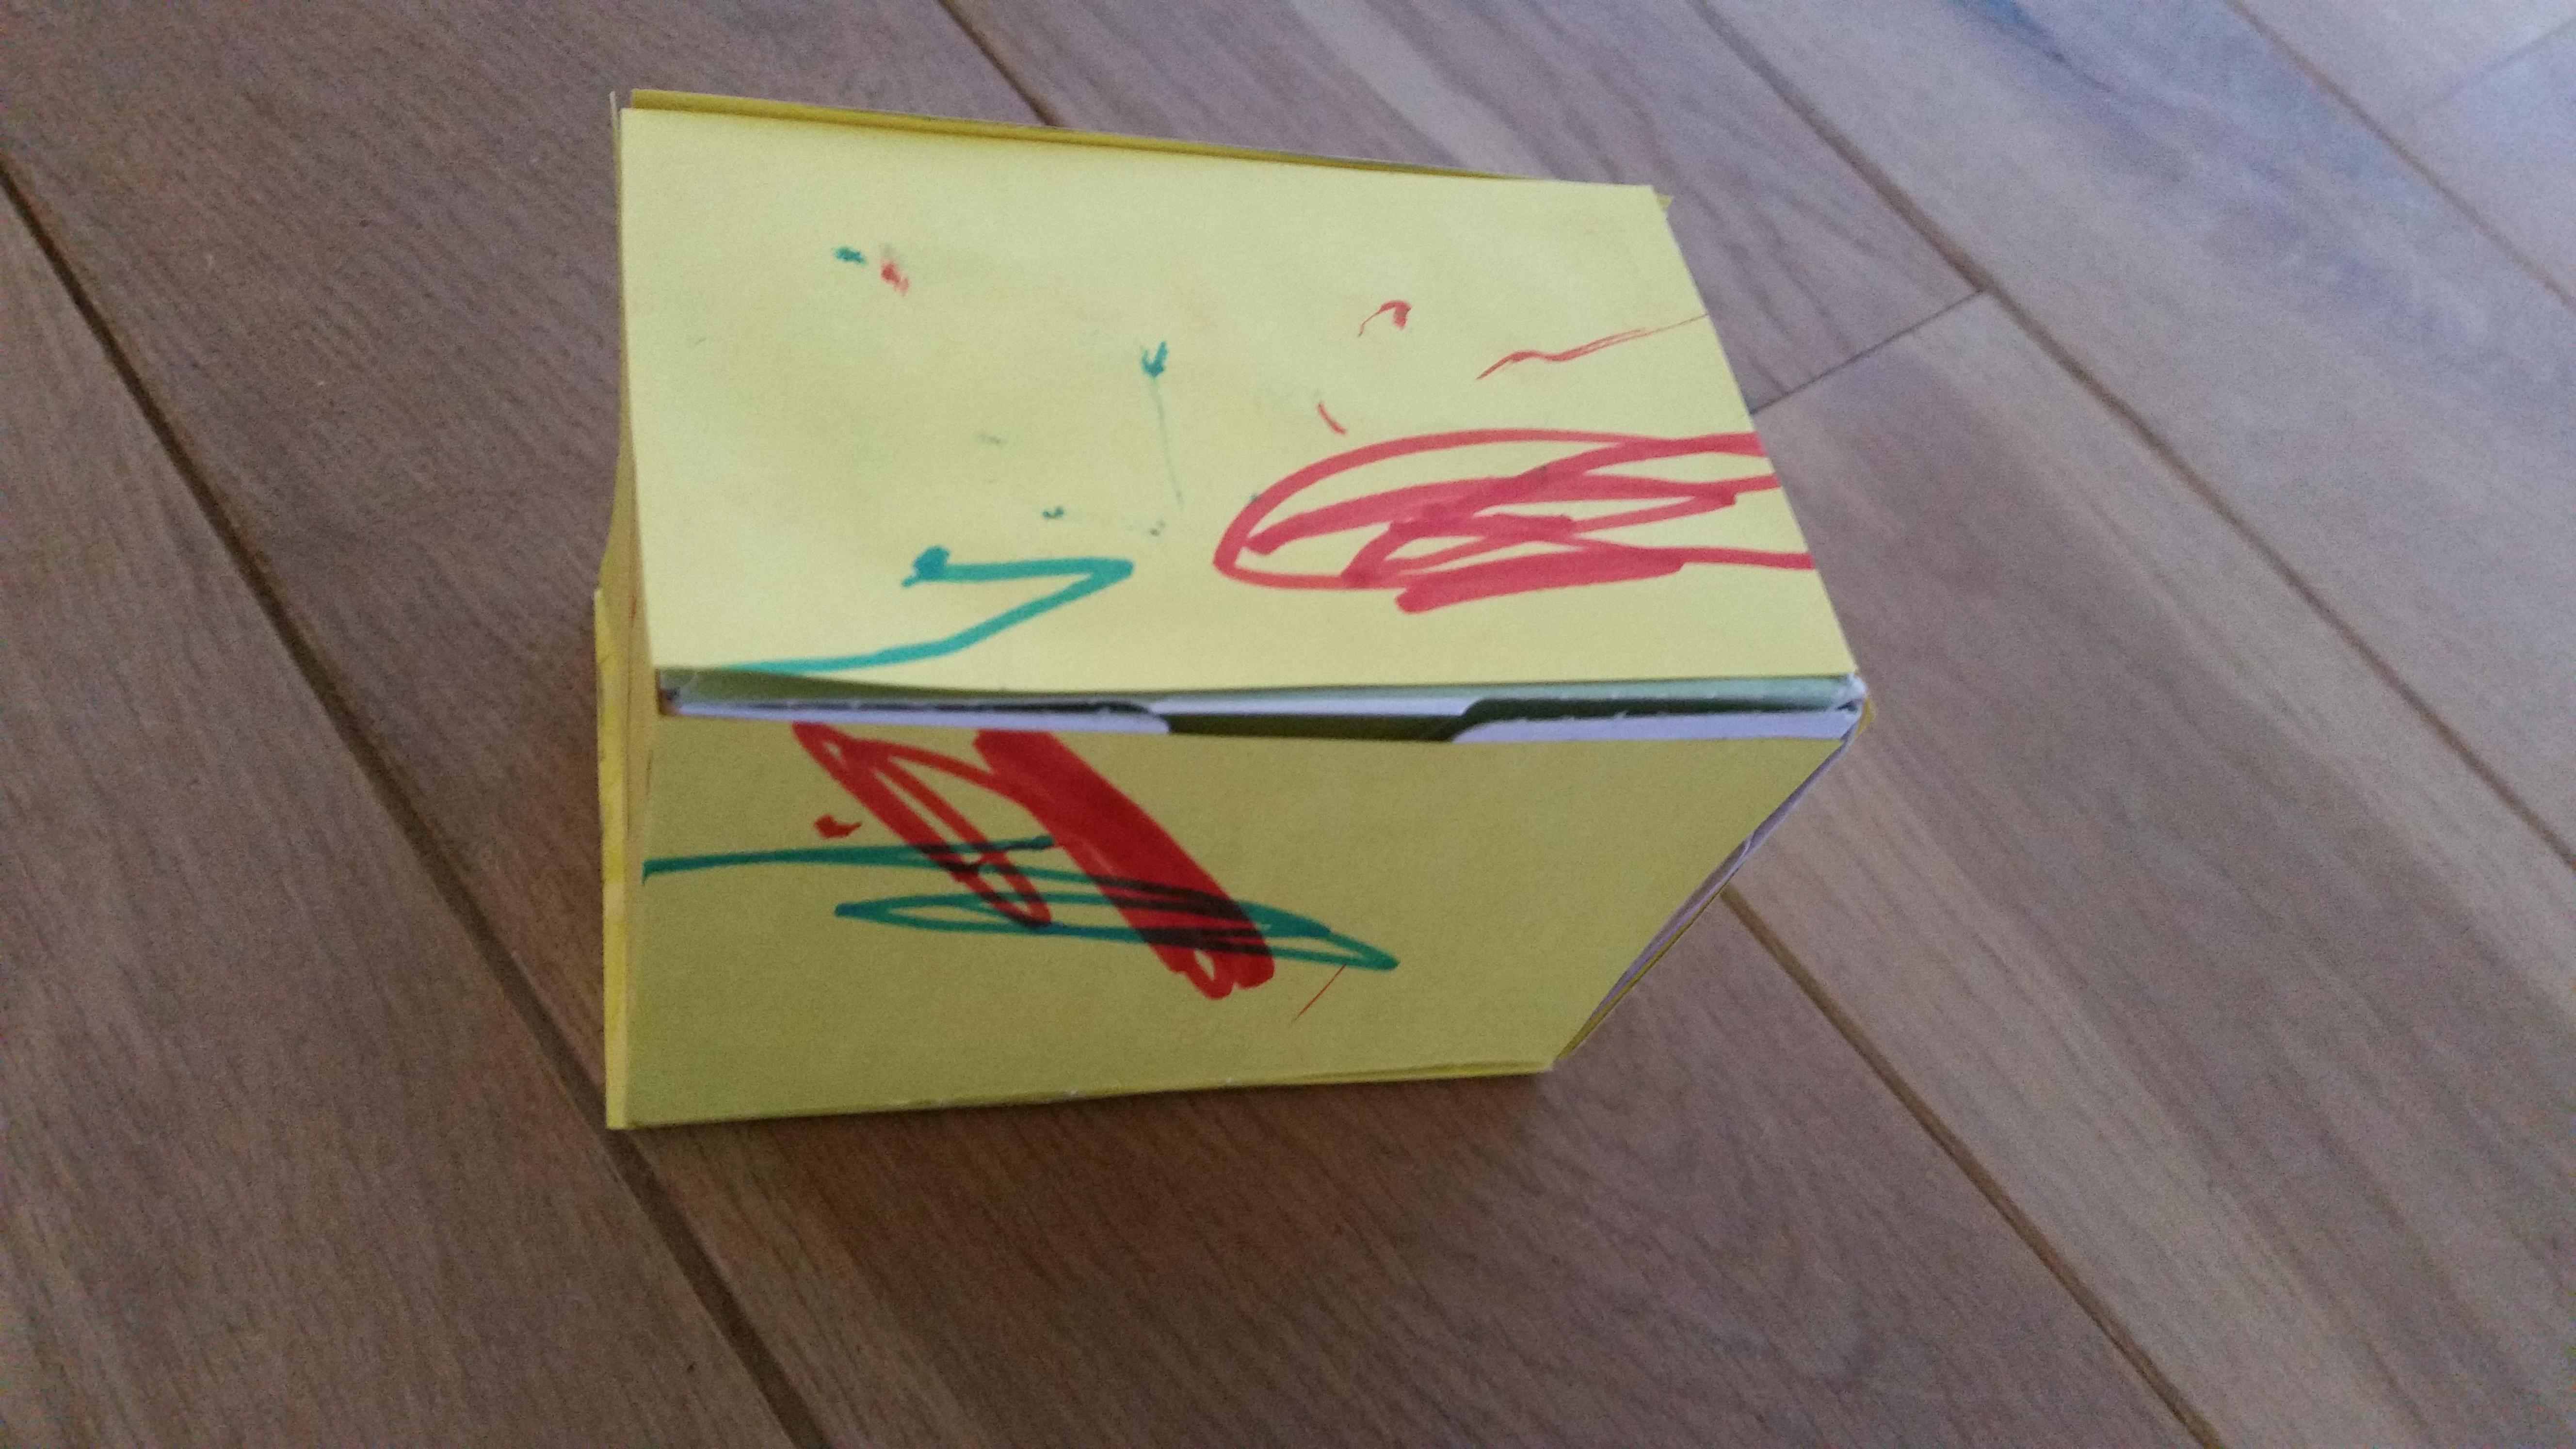 5-16-vaderdag-knutselwerkje-vanaf-1-jaar-peuter-kleuter-dreumes-baby-leuk=puzzel-origineel-mama-moeder-papa-vader-nanny-amsterdam-doos-af